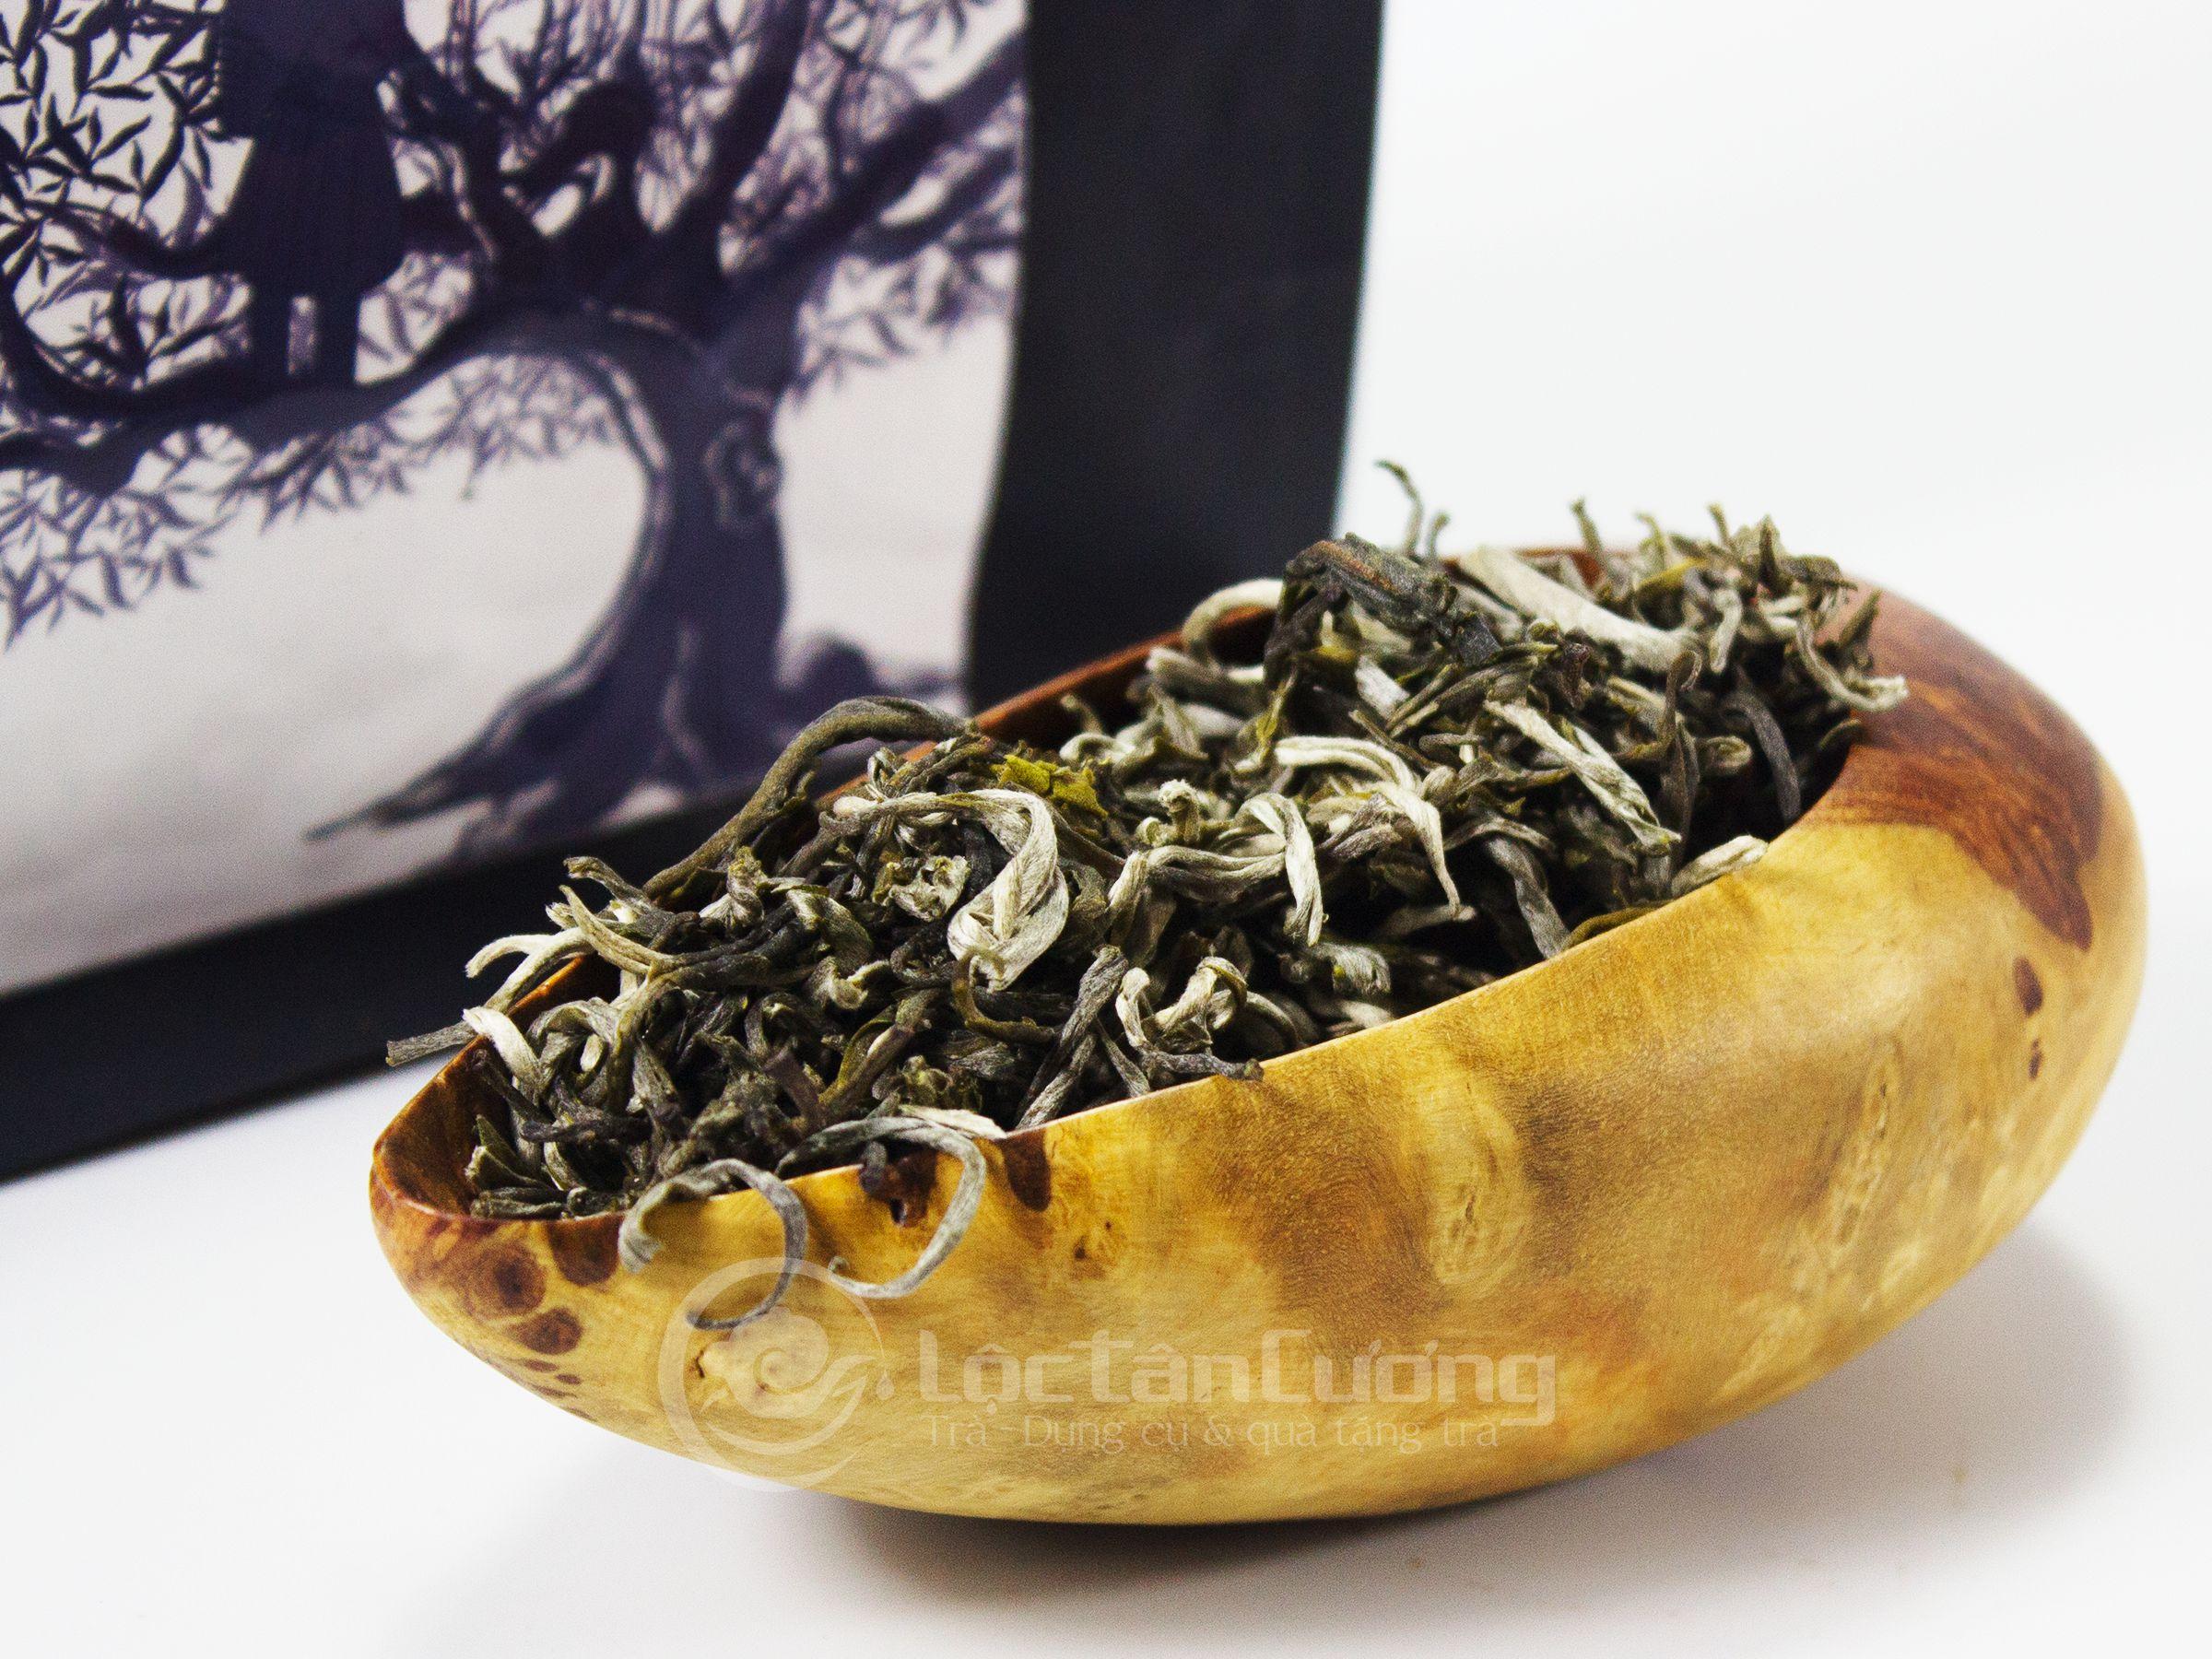 Bạch Shan Trà Suối Giàng sau khi sản xuất sẽ có một lớp lông mao tuyết trắng bám chặt vào thành lá của cánh trà, nhìn rất đẹp mắt